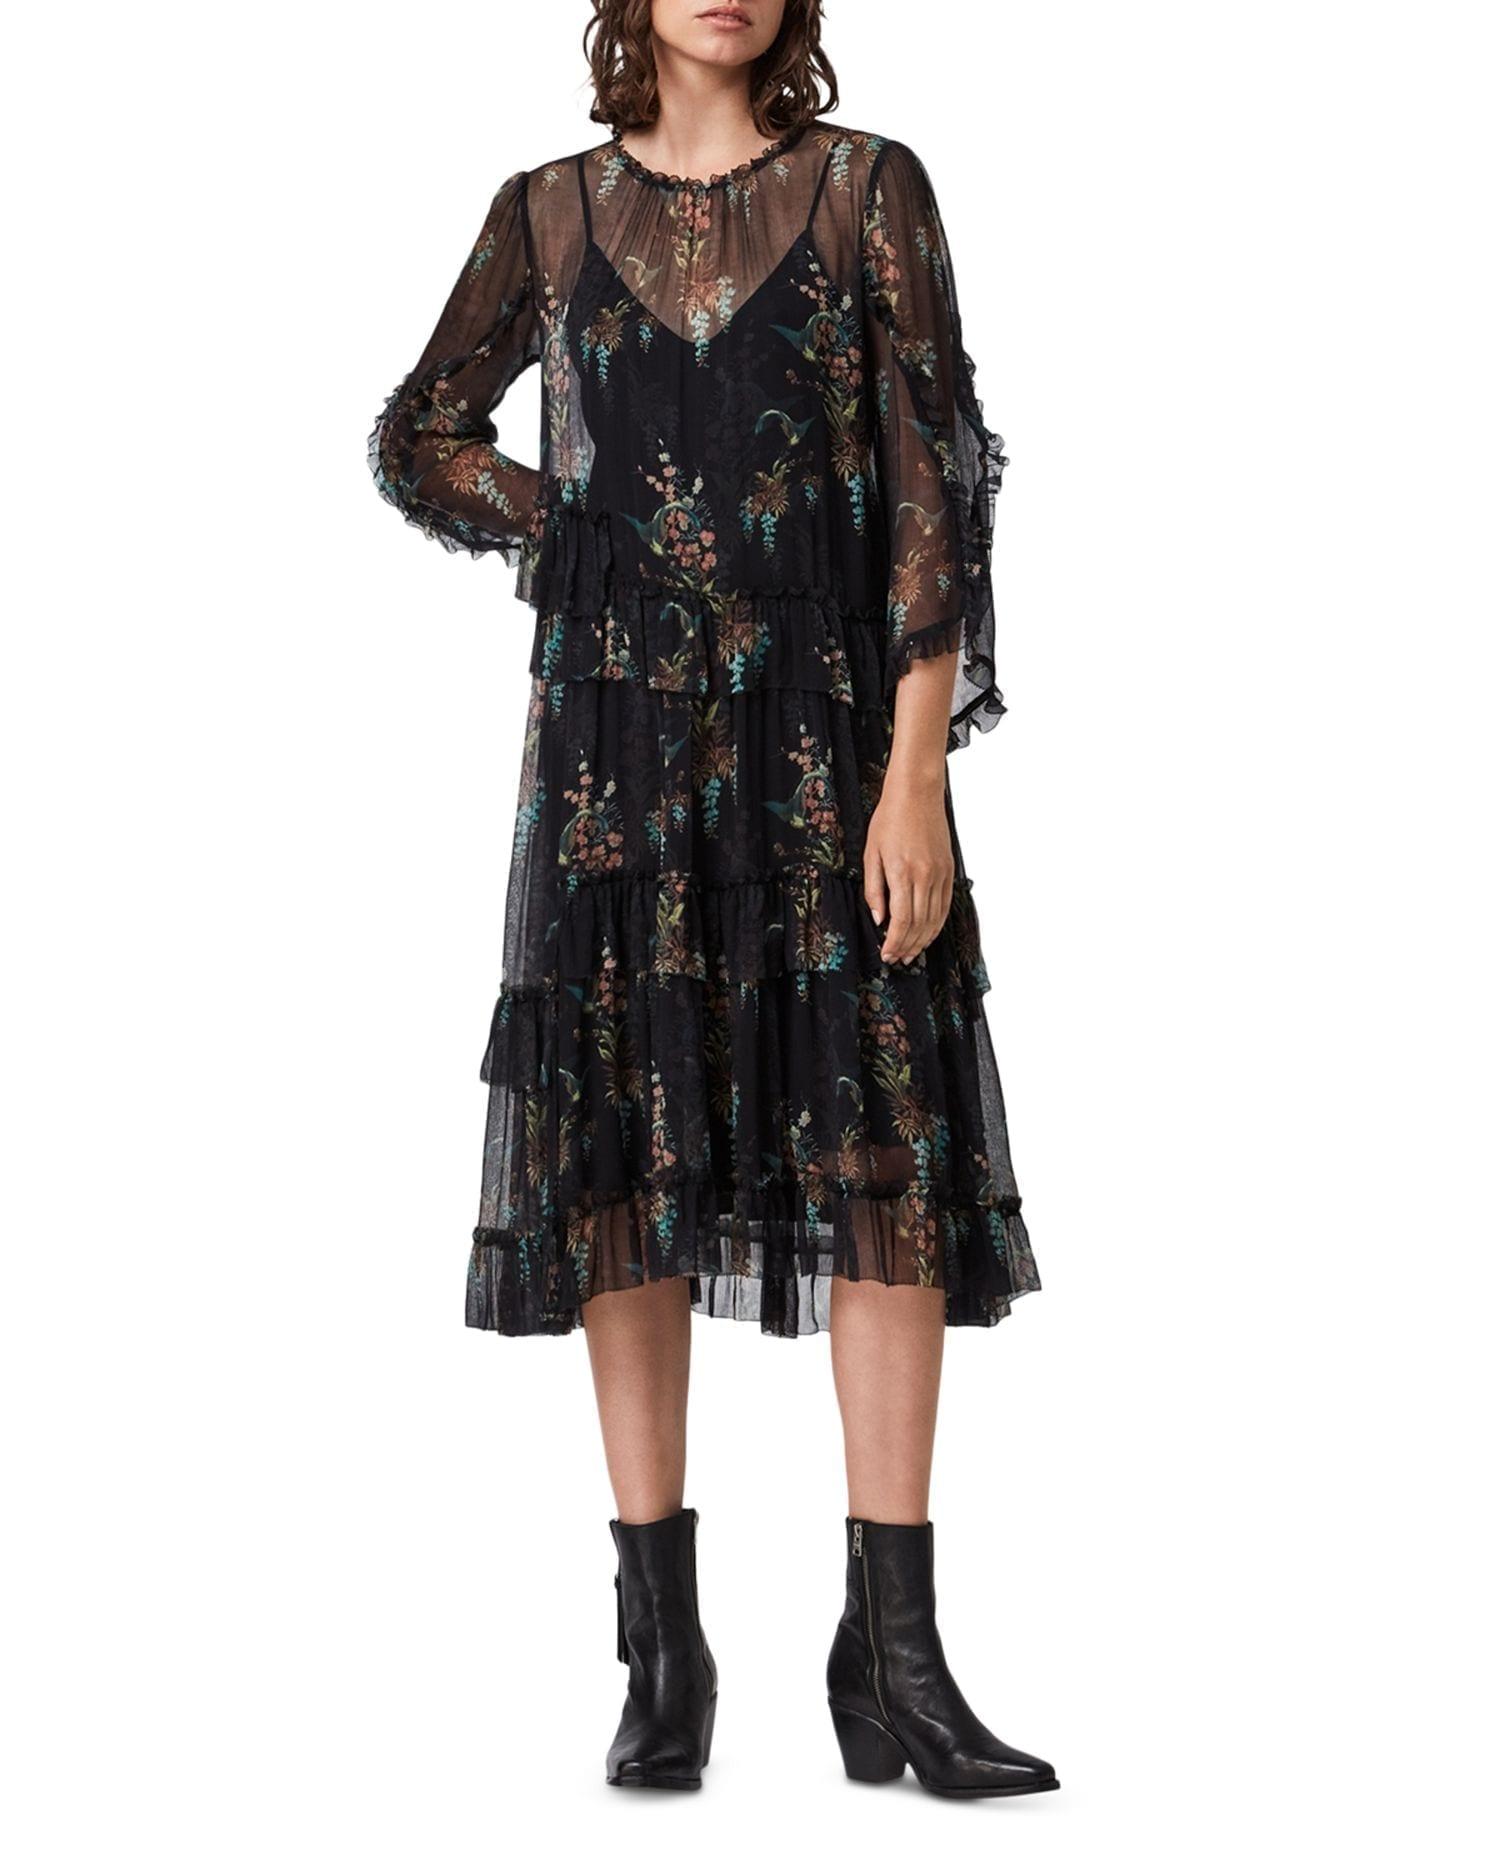 ALLSAINTS Macey Melisma Floral Print Dress